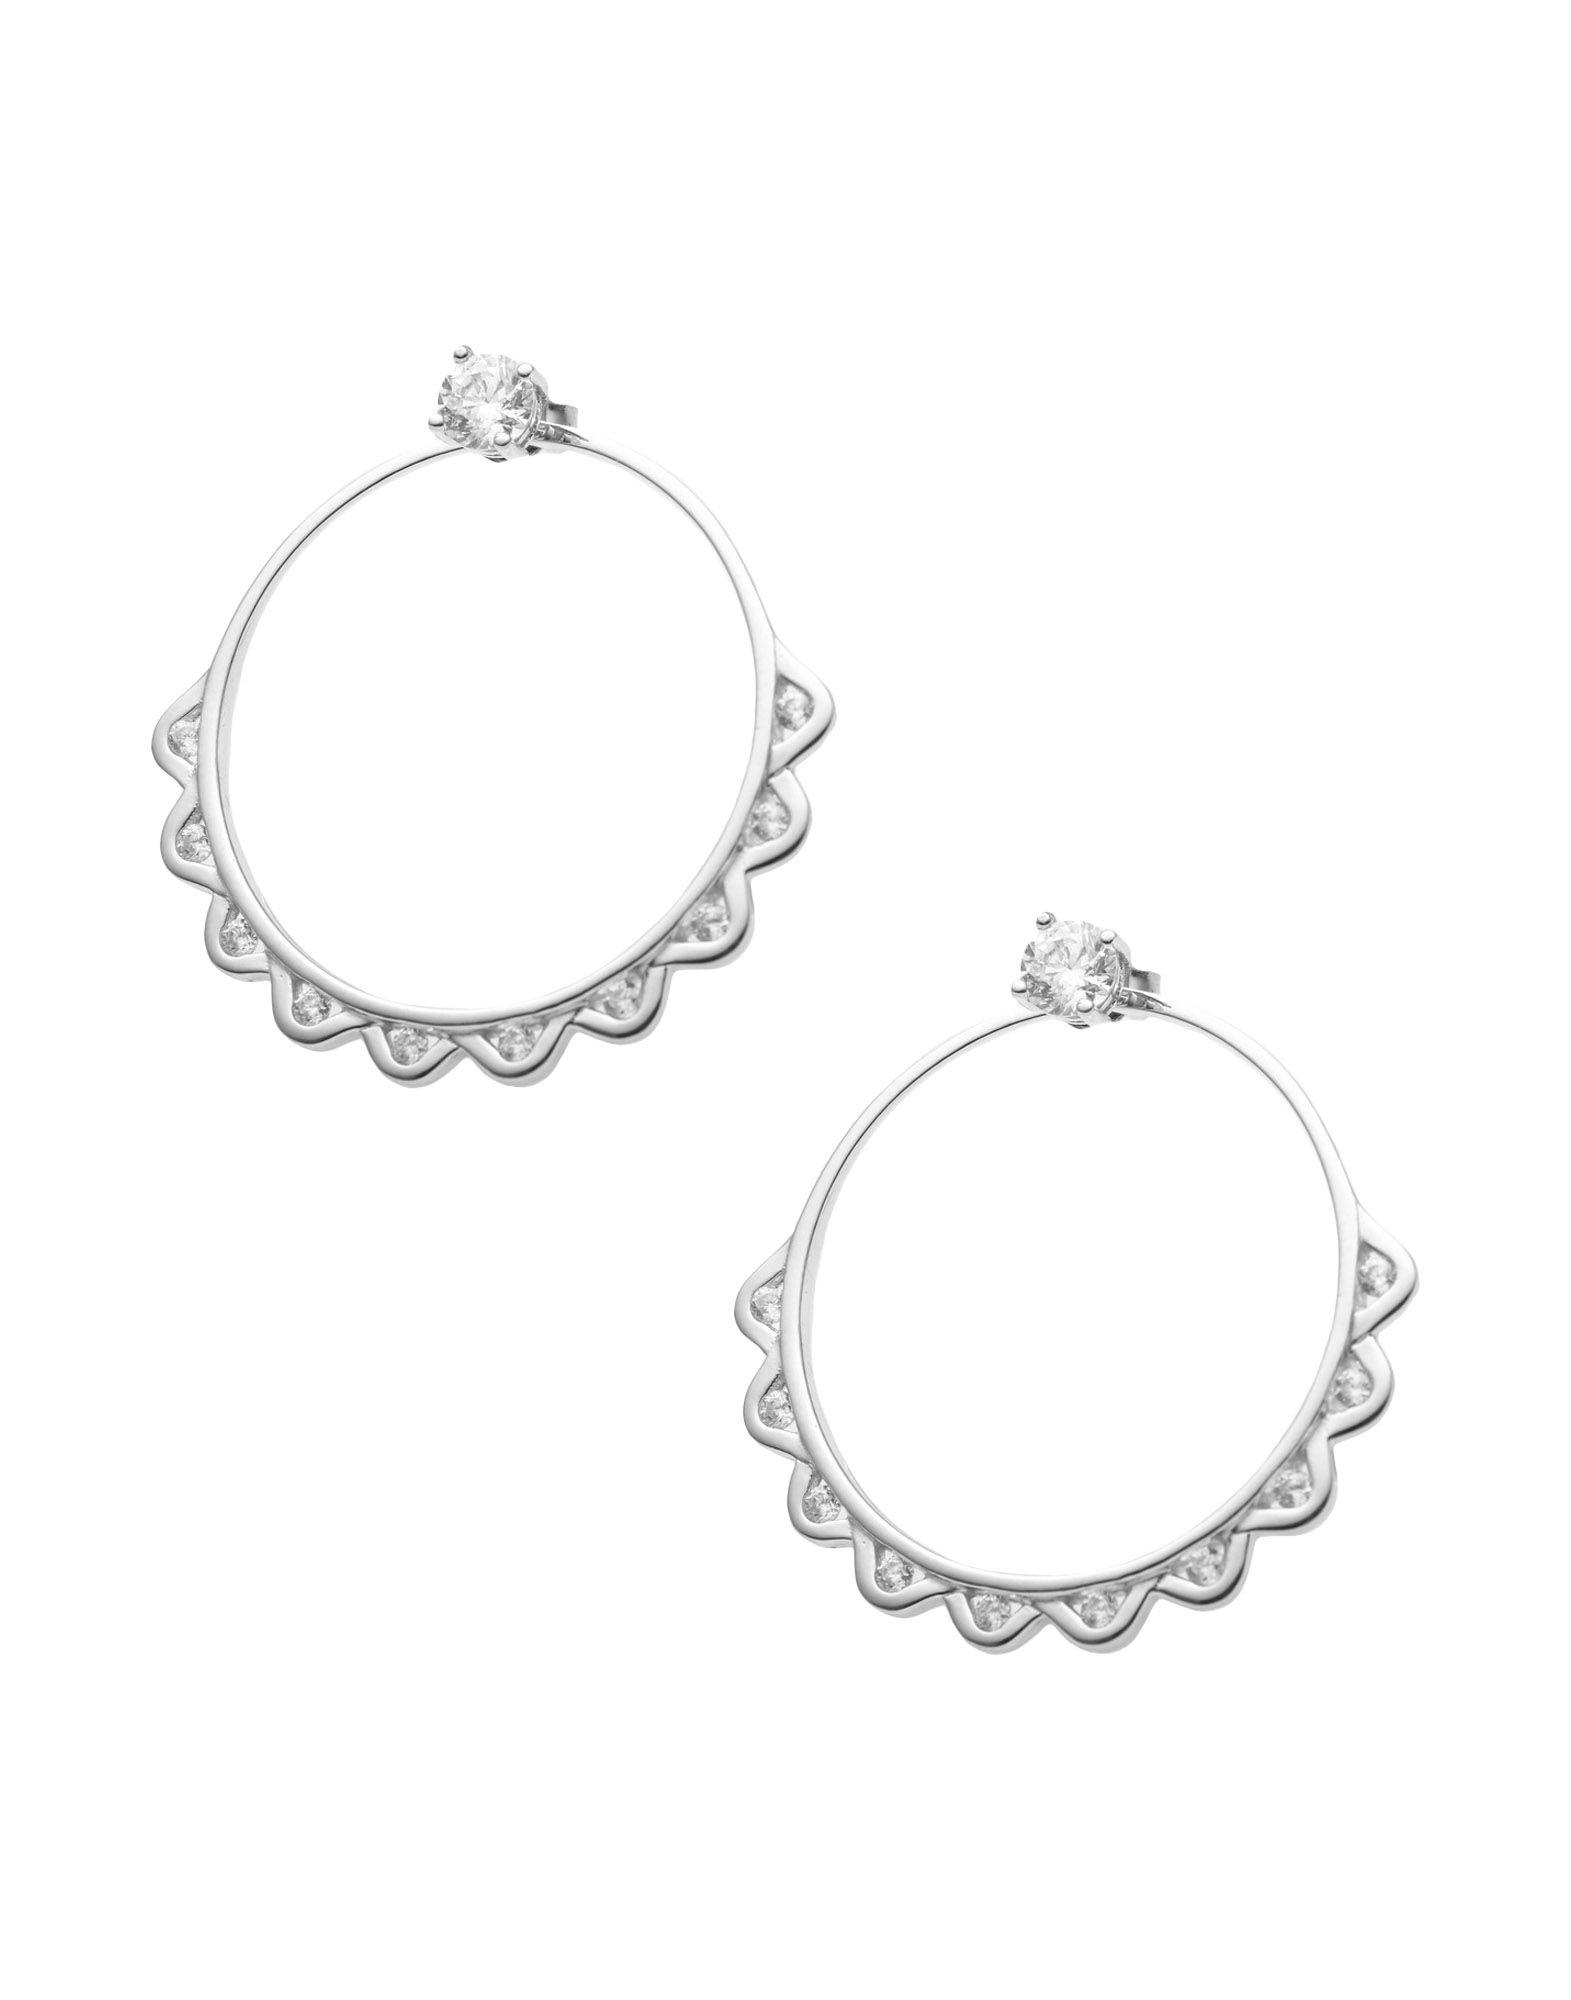 BLISS Earrings in Silver